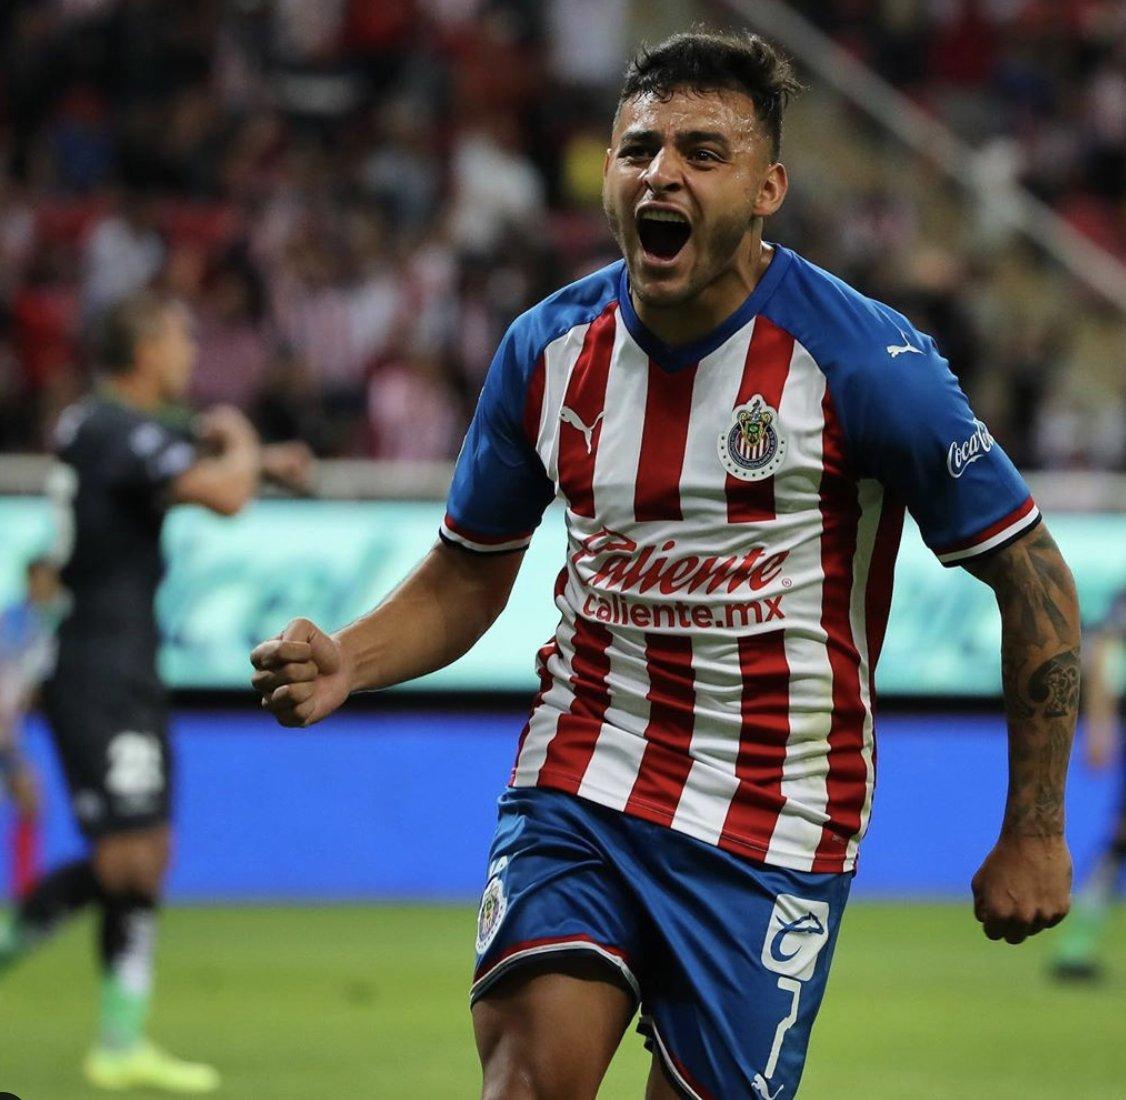 Alexis Vega acaba de alcanzar los 10 GOLES con Chivas. 8 anotaciones en Liga MX y 2 anotaciones en Copa MX. A pesar de las complicaciones que ha tenido el club y de tener que adaptarse a un rol distinto (parte cargado hacia la izquierda), de lo mejor del rebaño. 📷 @Chivas